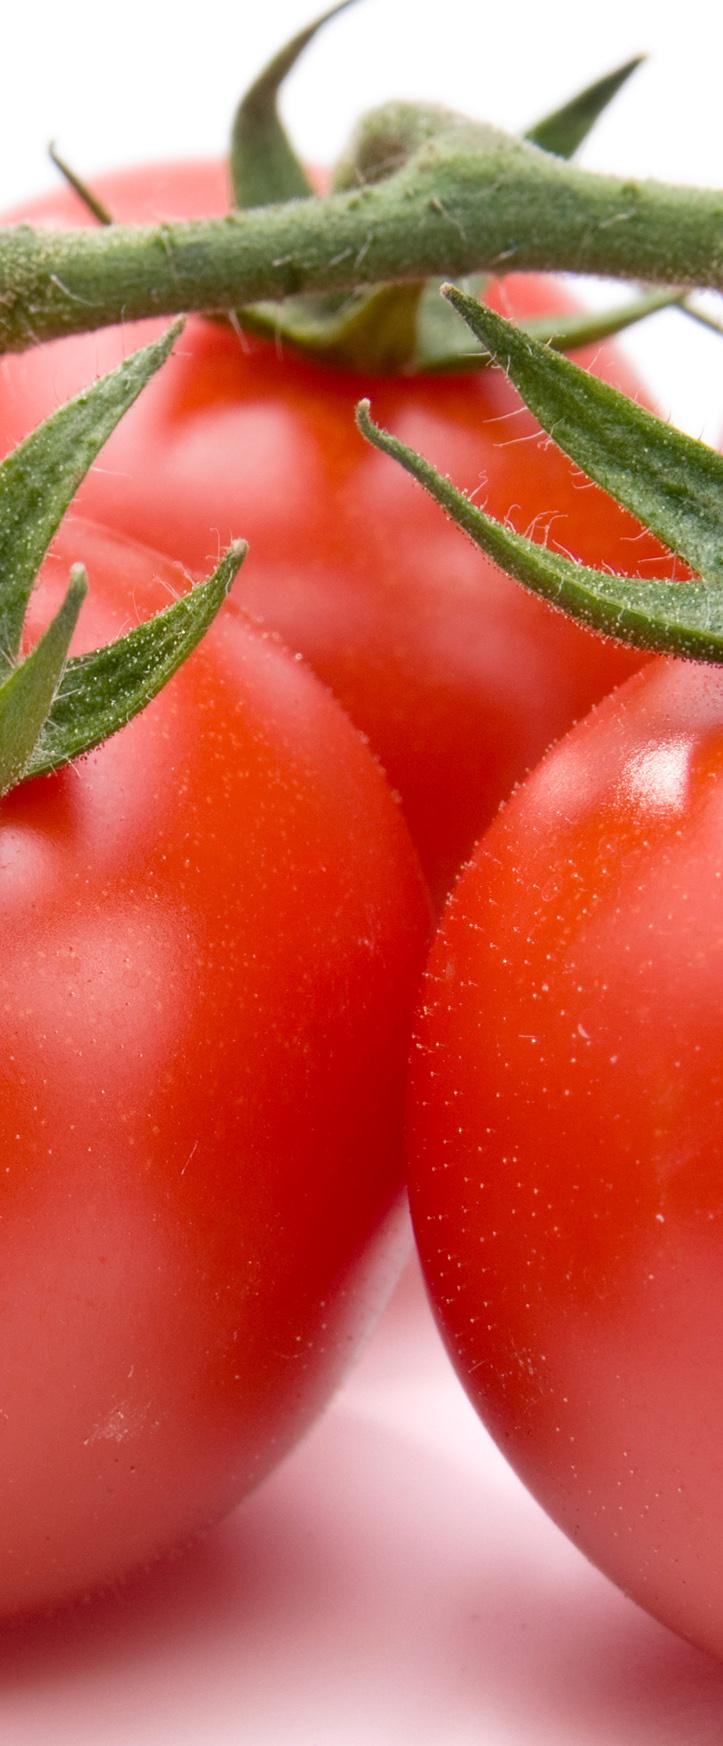 tomato_070